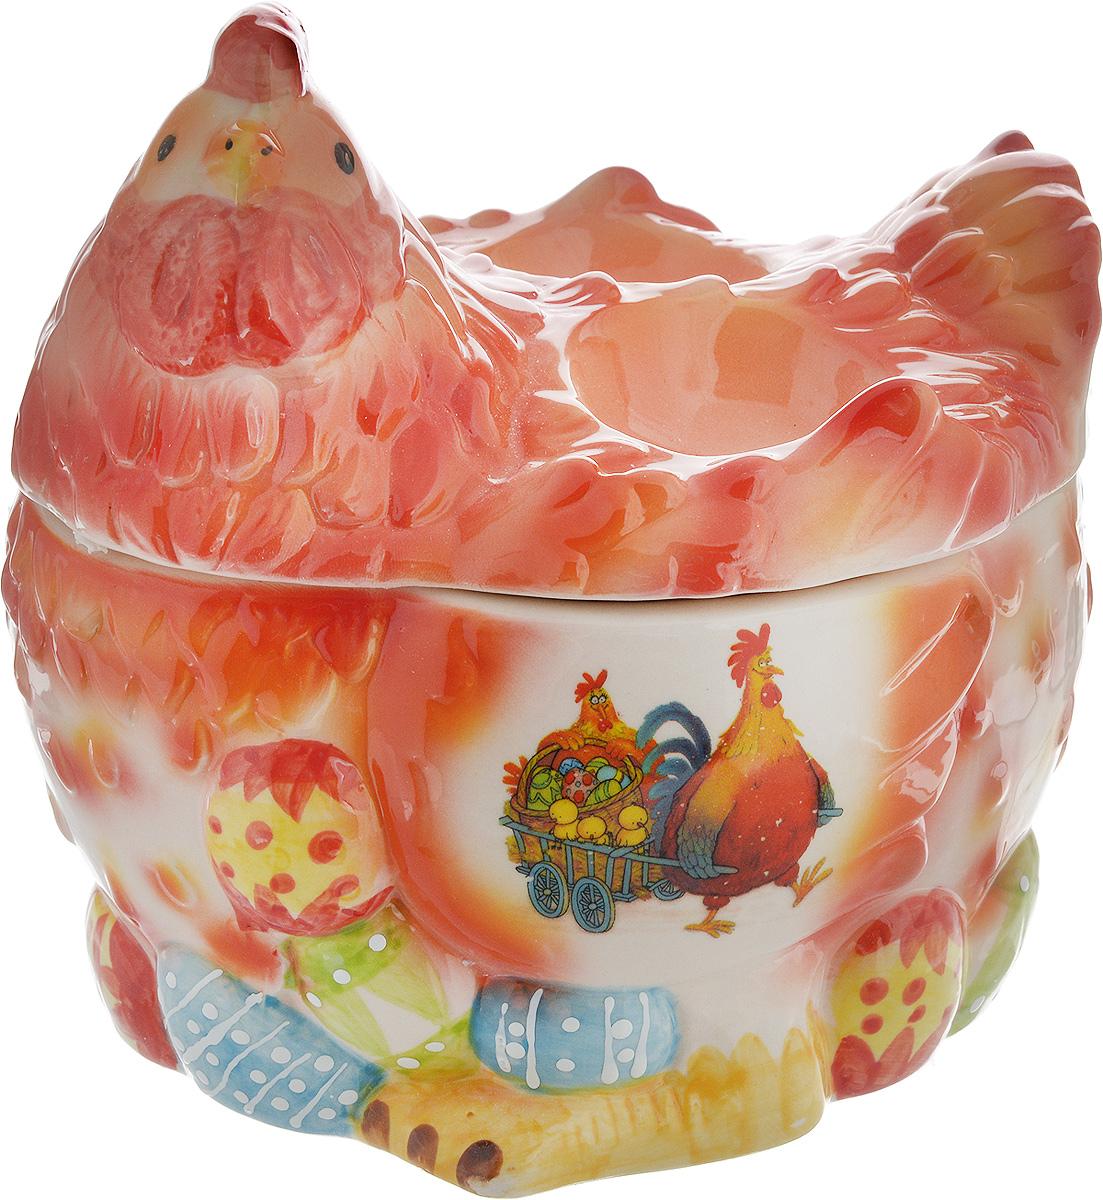 Ваза Win Max Курочка, для пасхальных яиц и угощений, 16 х 17 х 14 см14027Ваза Win Max изготовлена из высококачественной керамики с глазурованным покрытием и оформлена рельефным рисунком. Изделие дополнено крышкой, которая выполнена в виде фигурки курочки. На крышке расположены две подставки для яиц. Оригинальный дизайн украсит интерьер вашей кухни, а функциональность порадует любую хозяйку. Размеры емкости (без учета крышки): 16 х 13х 9 см Высота крышки: 9 см